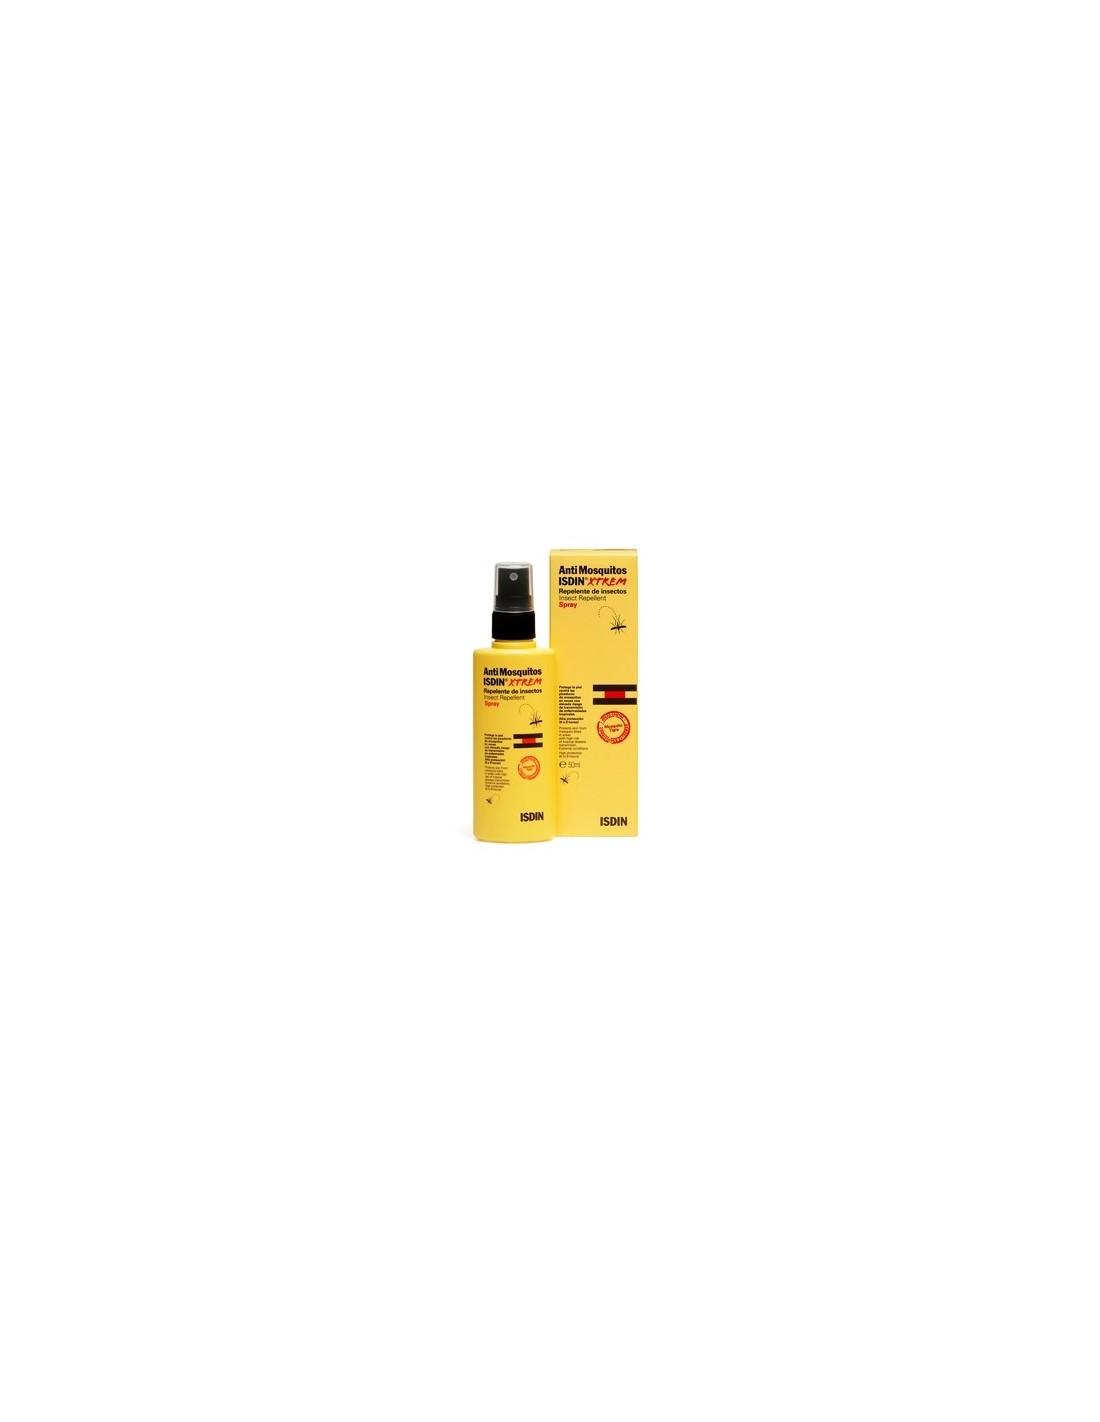 Spray AntiMosquitos Isdin Xtrem 50 ml | Farmacia-frias.com